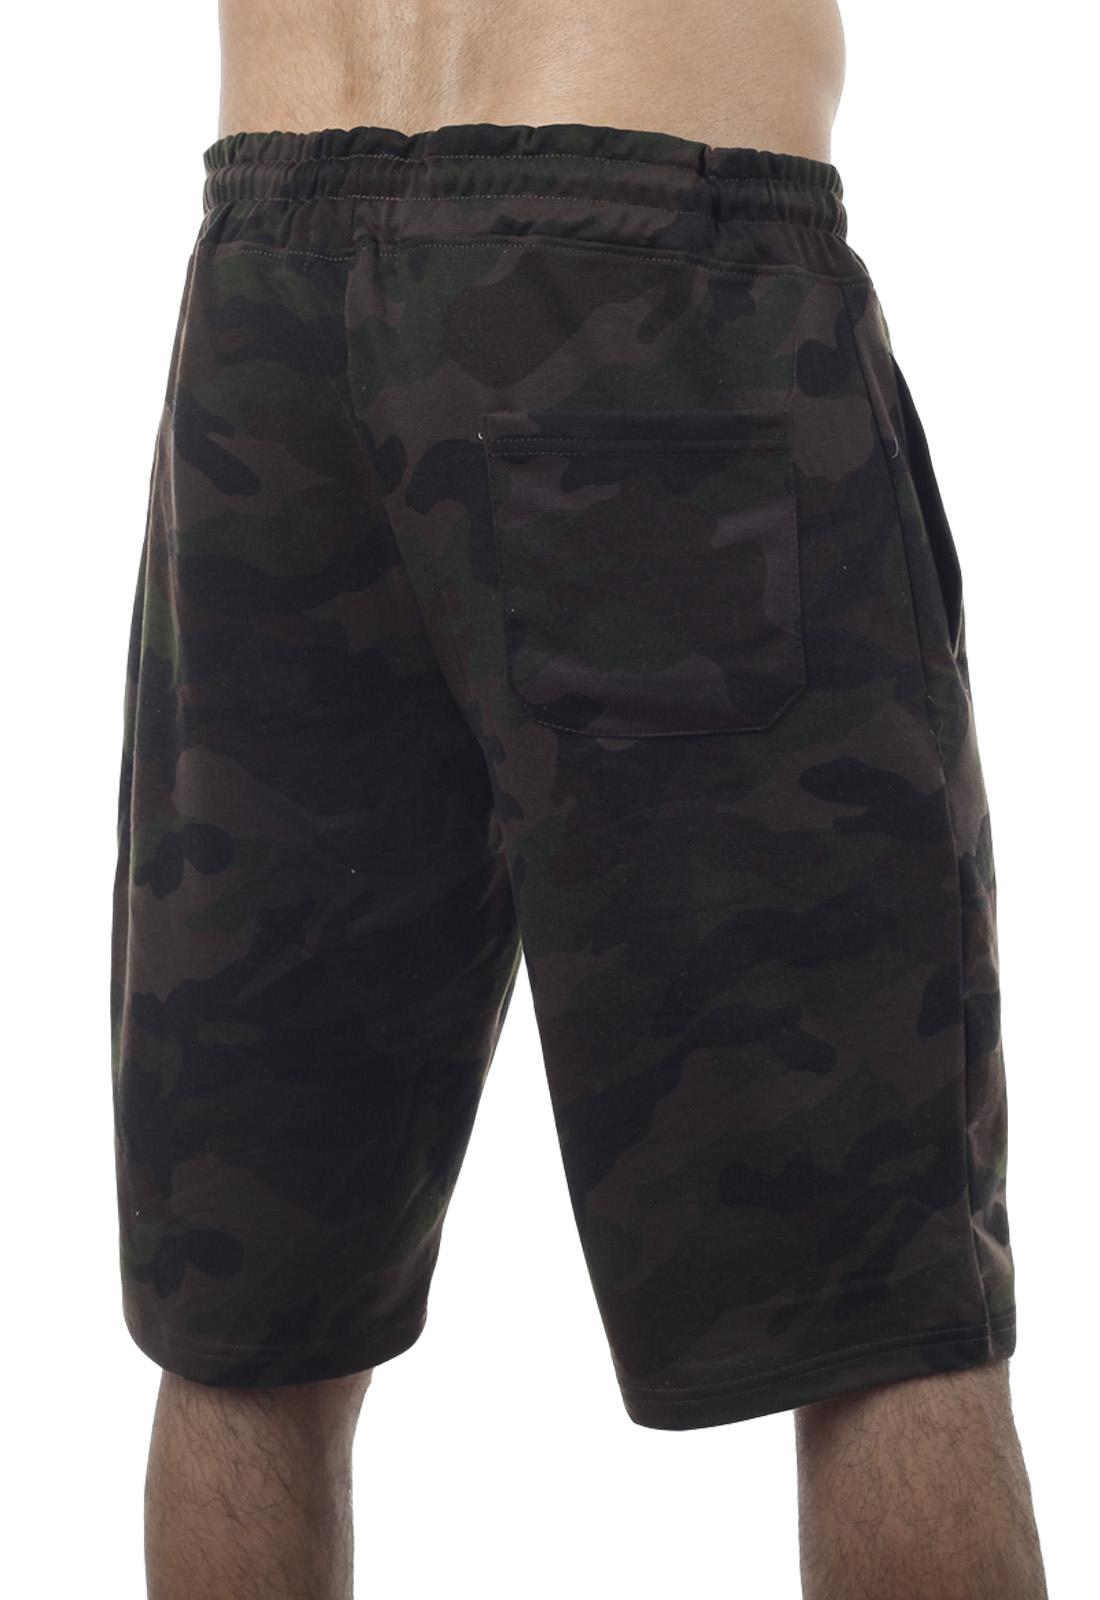 Удлиненные свободные шорты с нашивкой ВКС - заказать в розницу